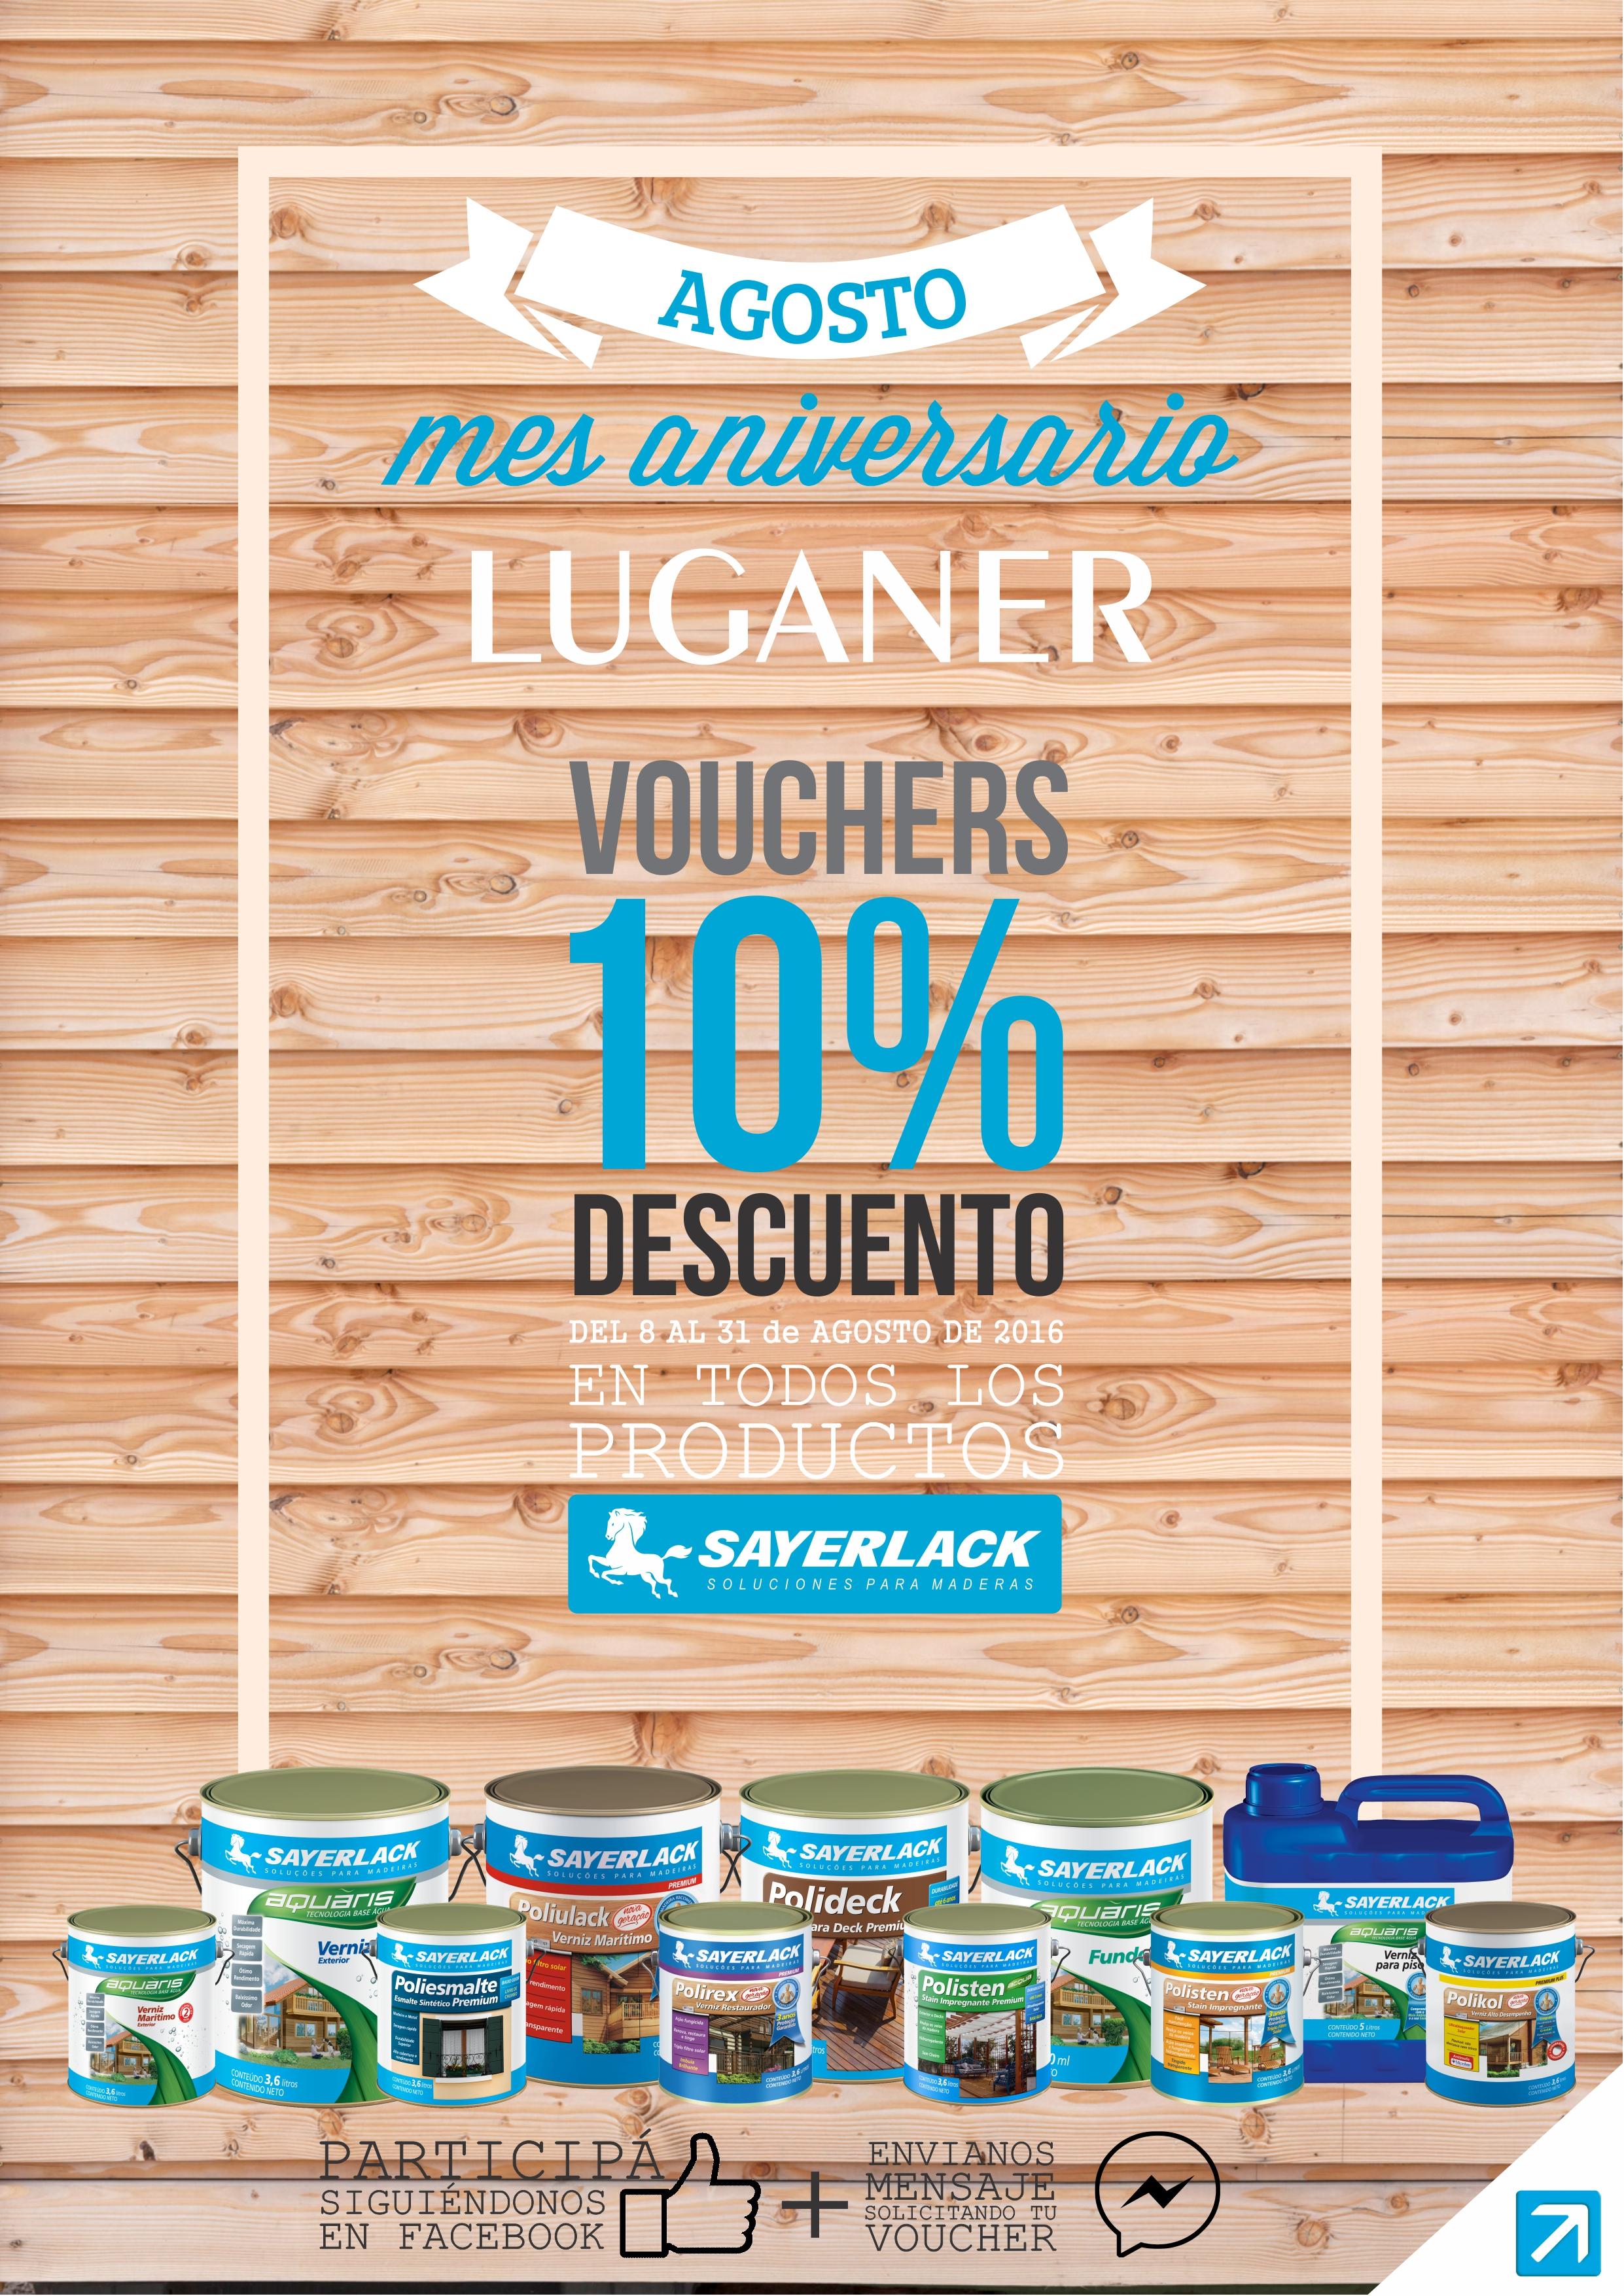 AGOSTO 10% DESCUENTO EN TODOS LOS PRODUCTOS SAYERLACK